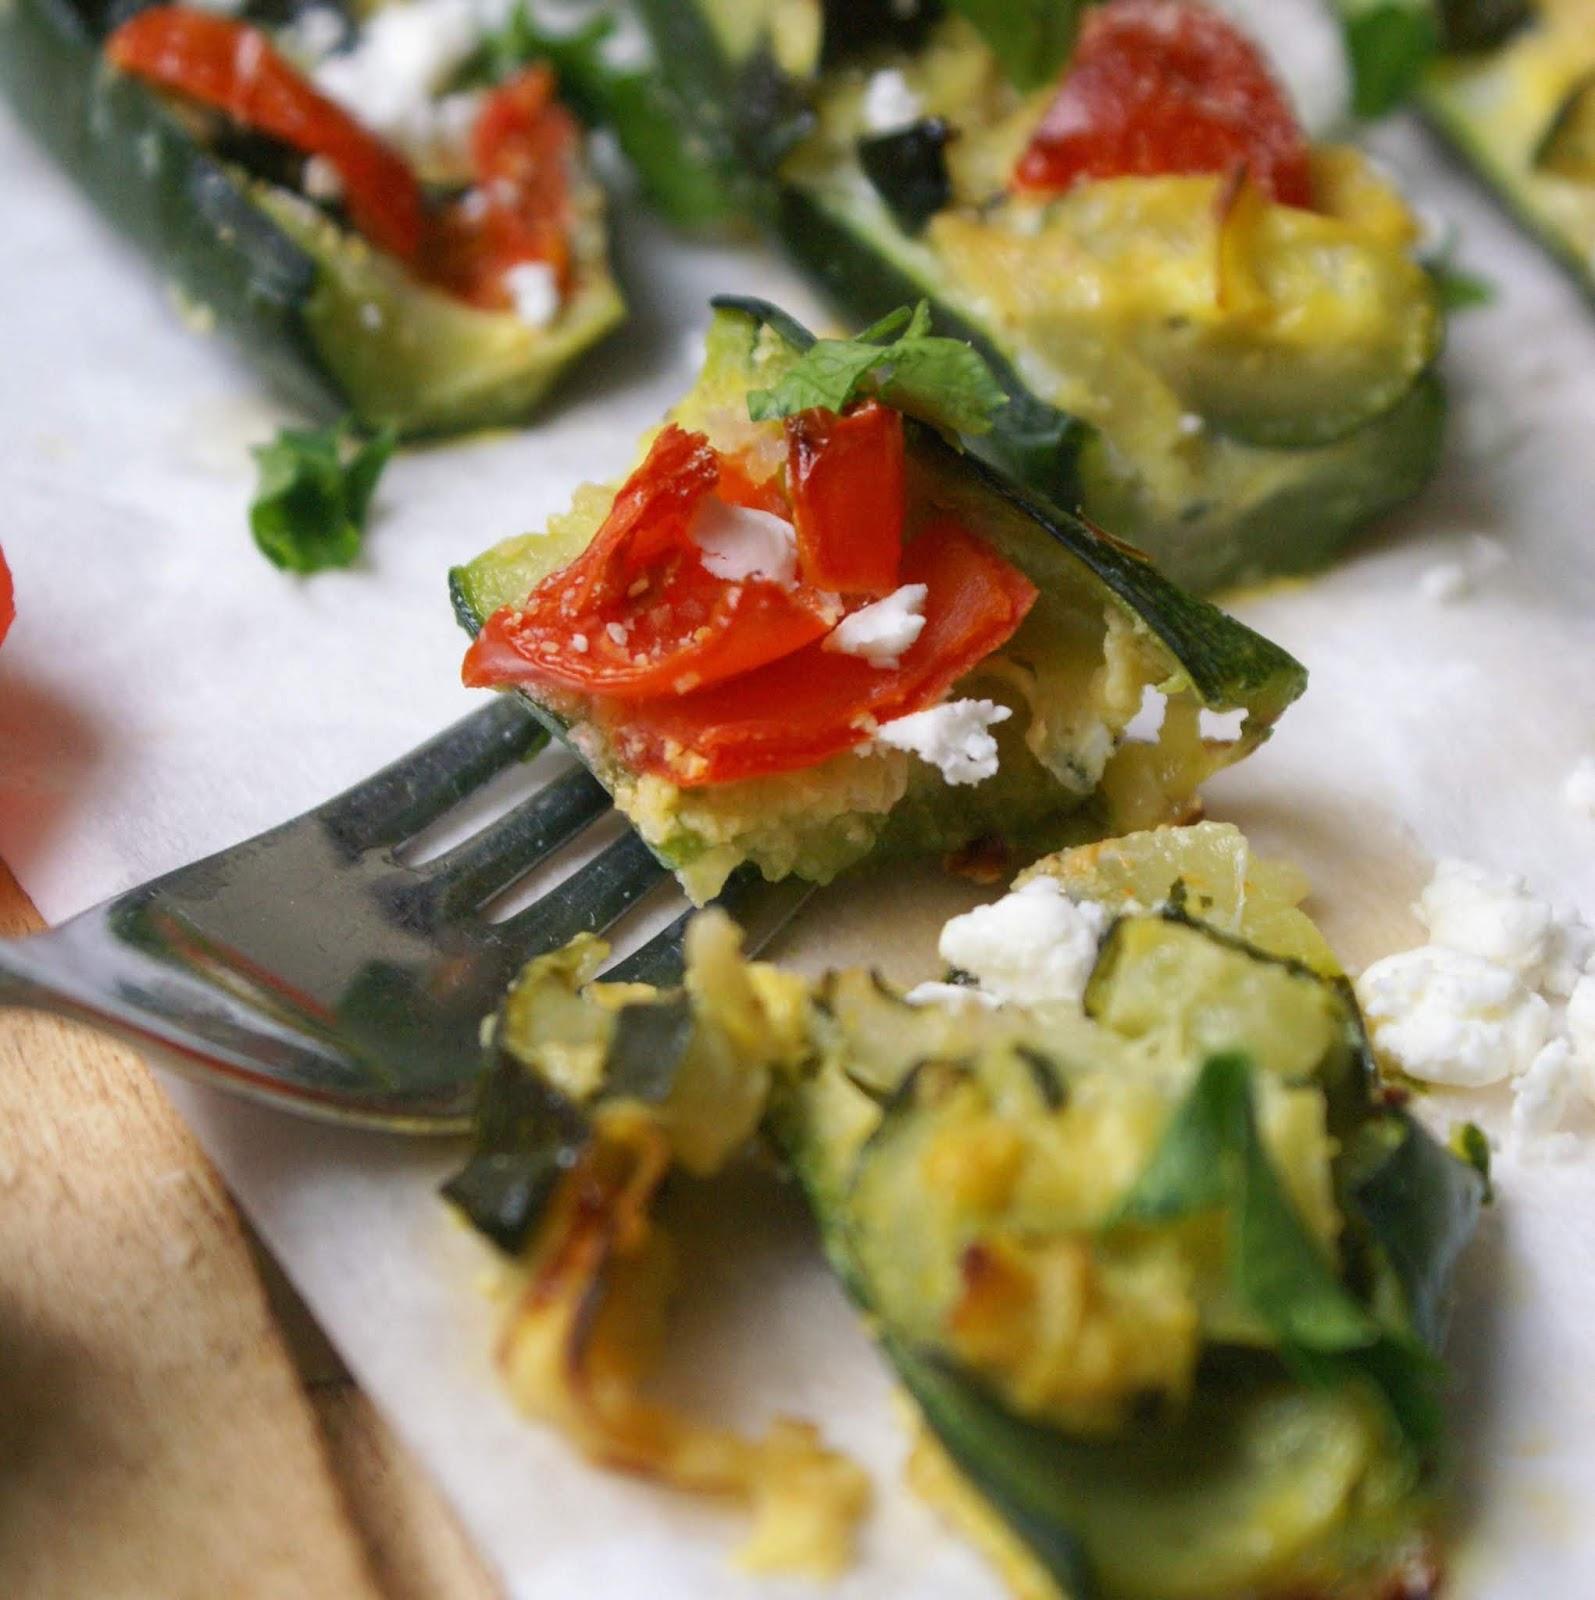 Zucchine ripiene vegetariane con pomodorini, formaggio feta e prezzemolo fresco